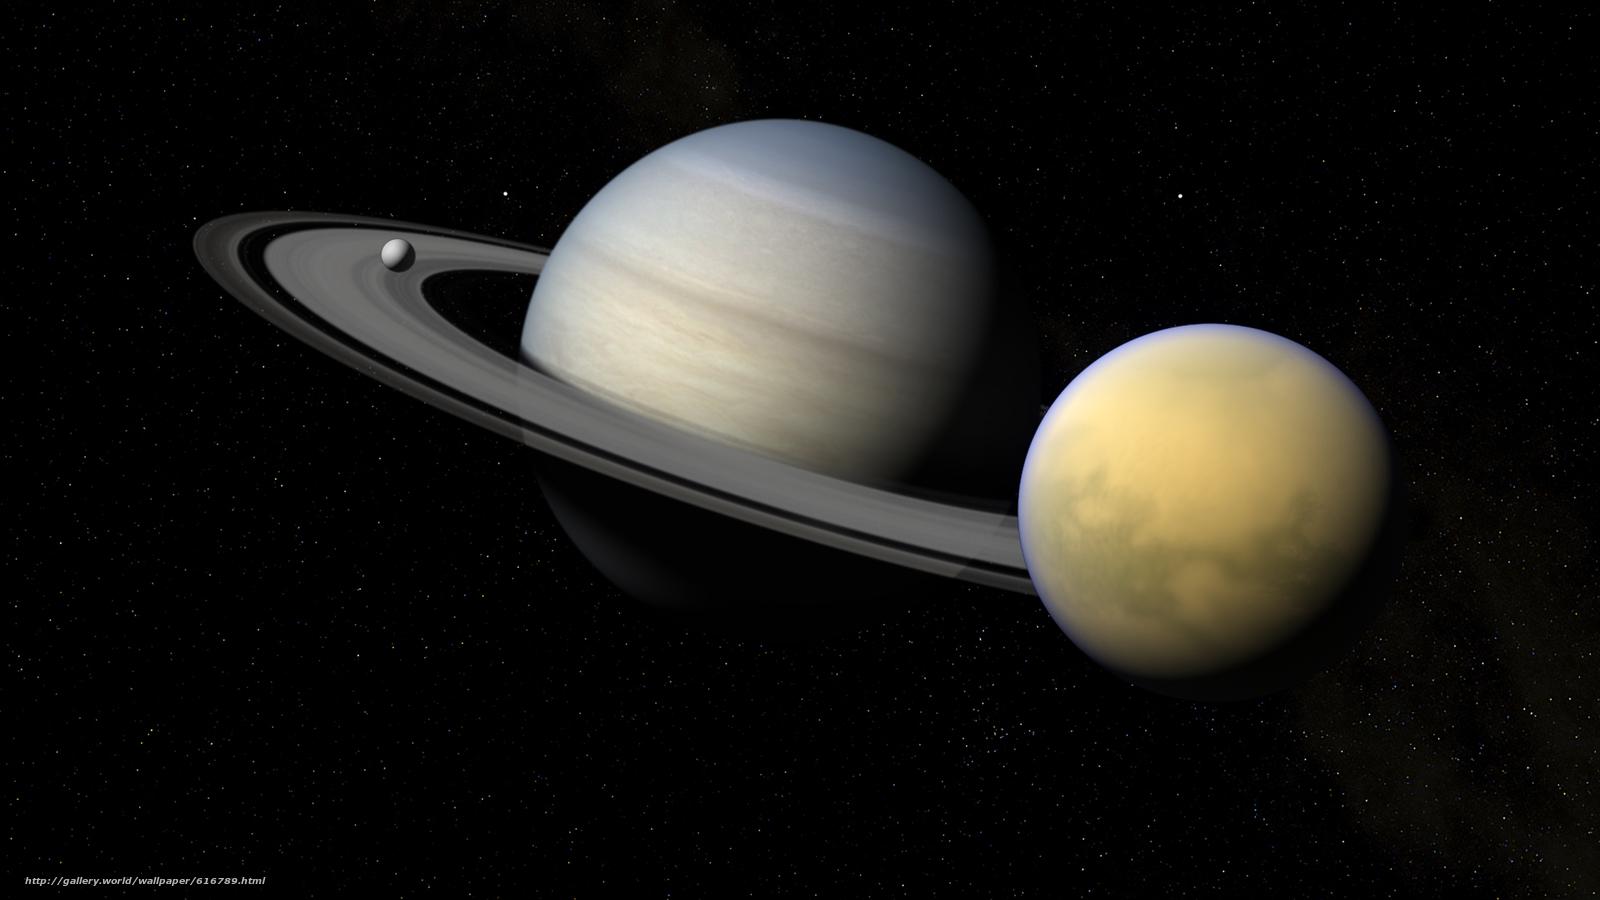 壁紙をダウンロード 土星 サテライト チタン エンケラドス デスクトップの解像度のための無料壁紙 19x1080 絵 6167